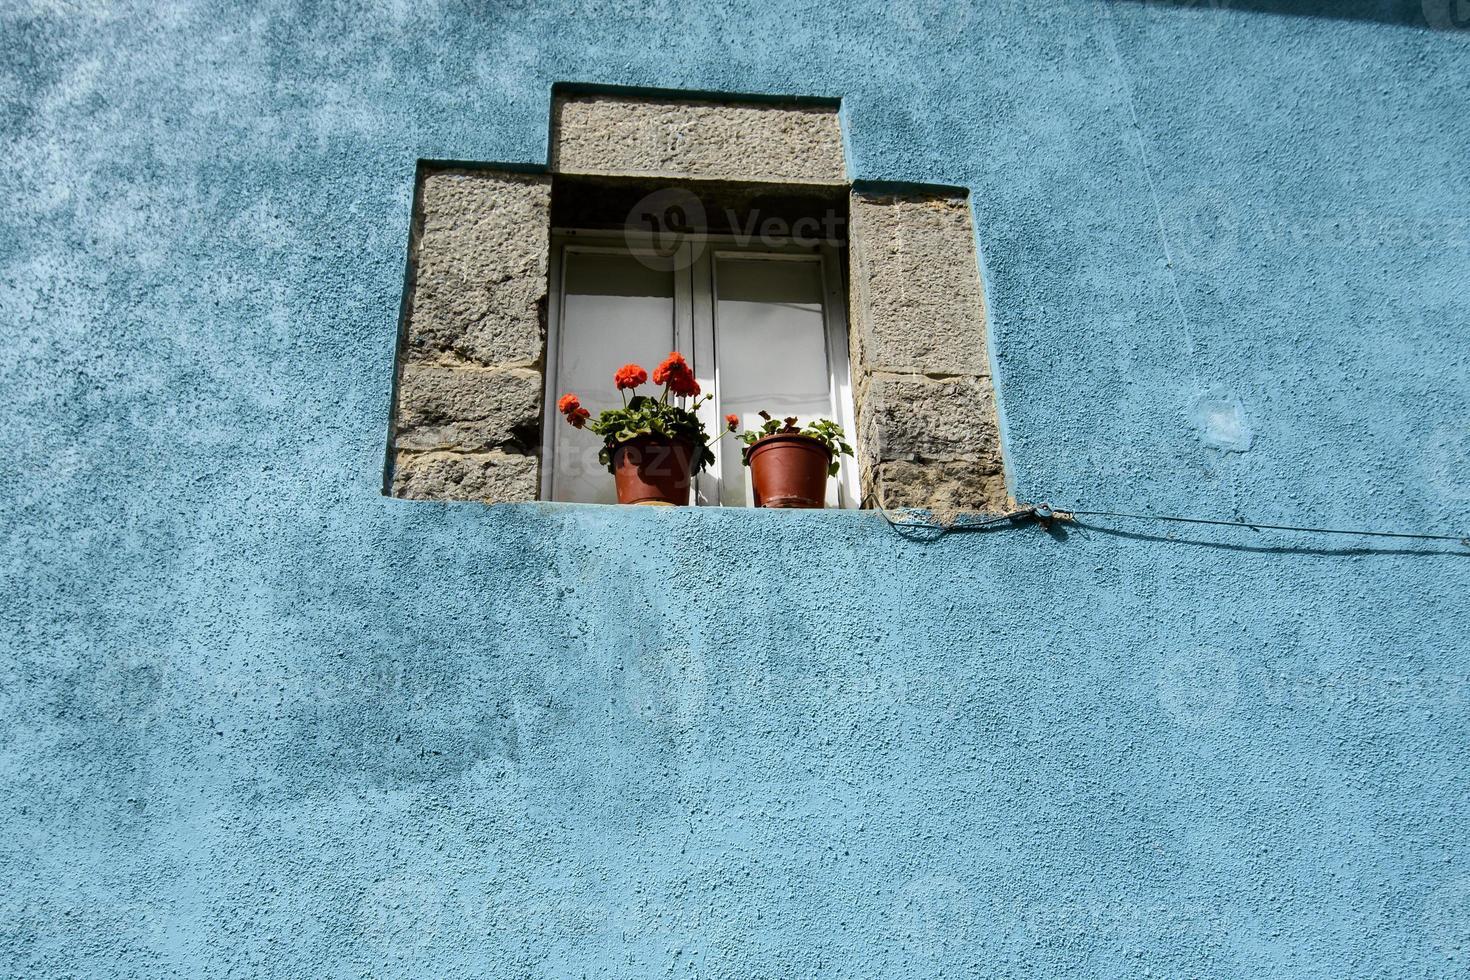 detalhe. fachada de uma casa de campo na Cantábria. Espanha. Europa. foto